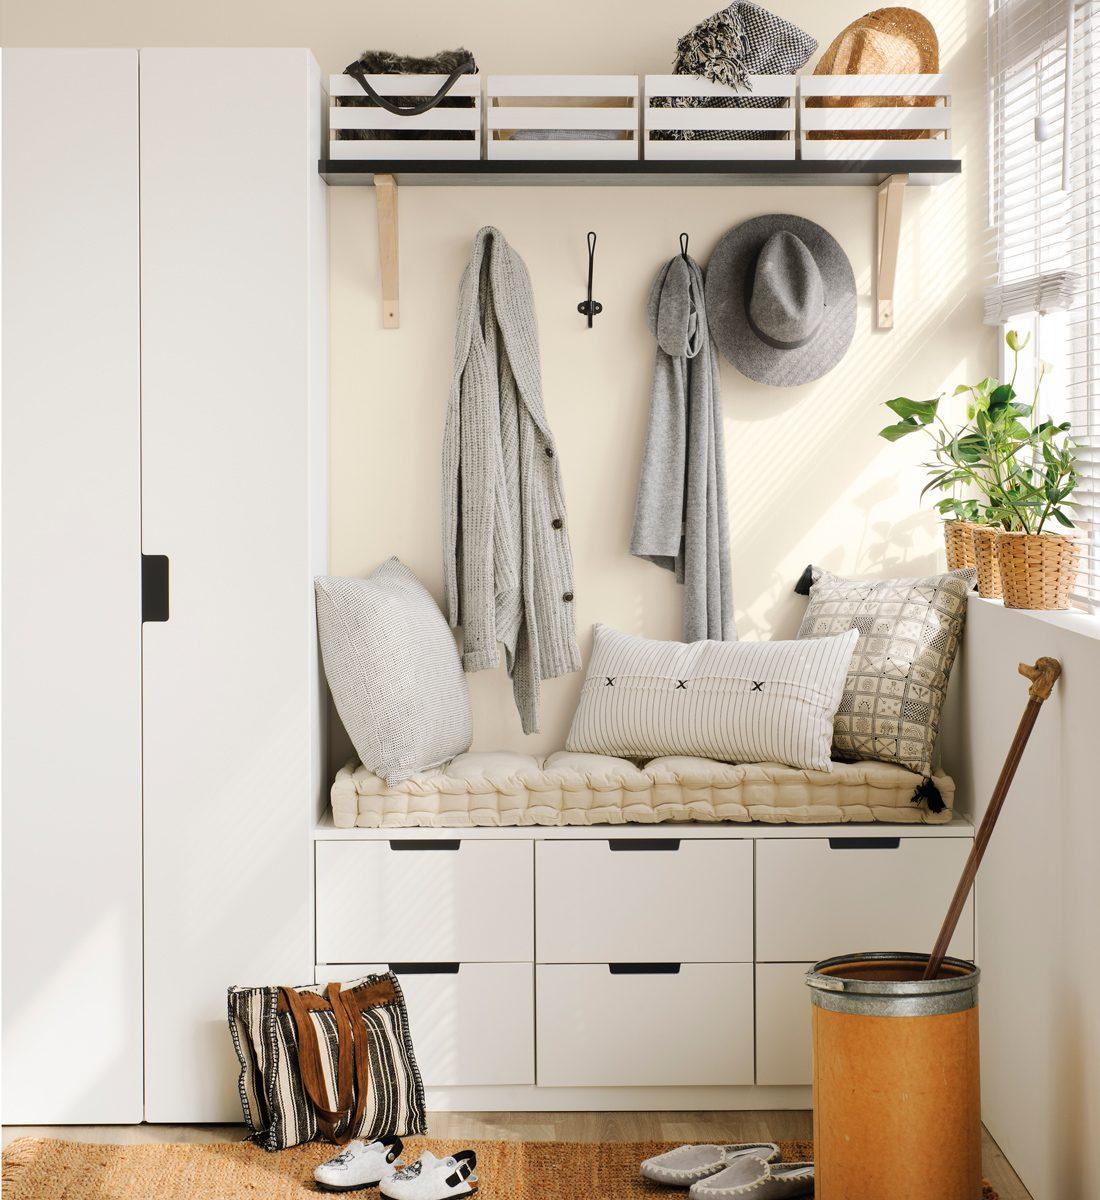 Recibidores decora el tuyo con estilo blog de muebles y decoraci n - Recibidores con estilo ...